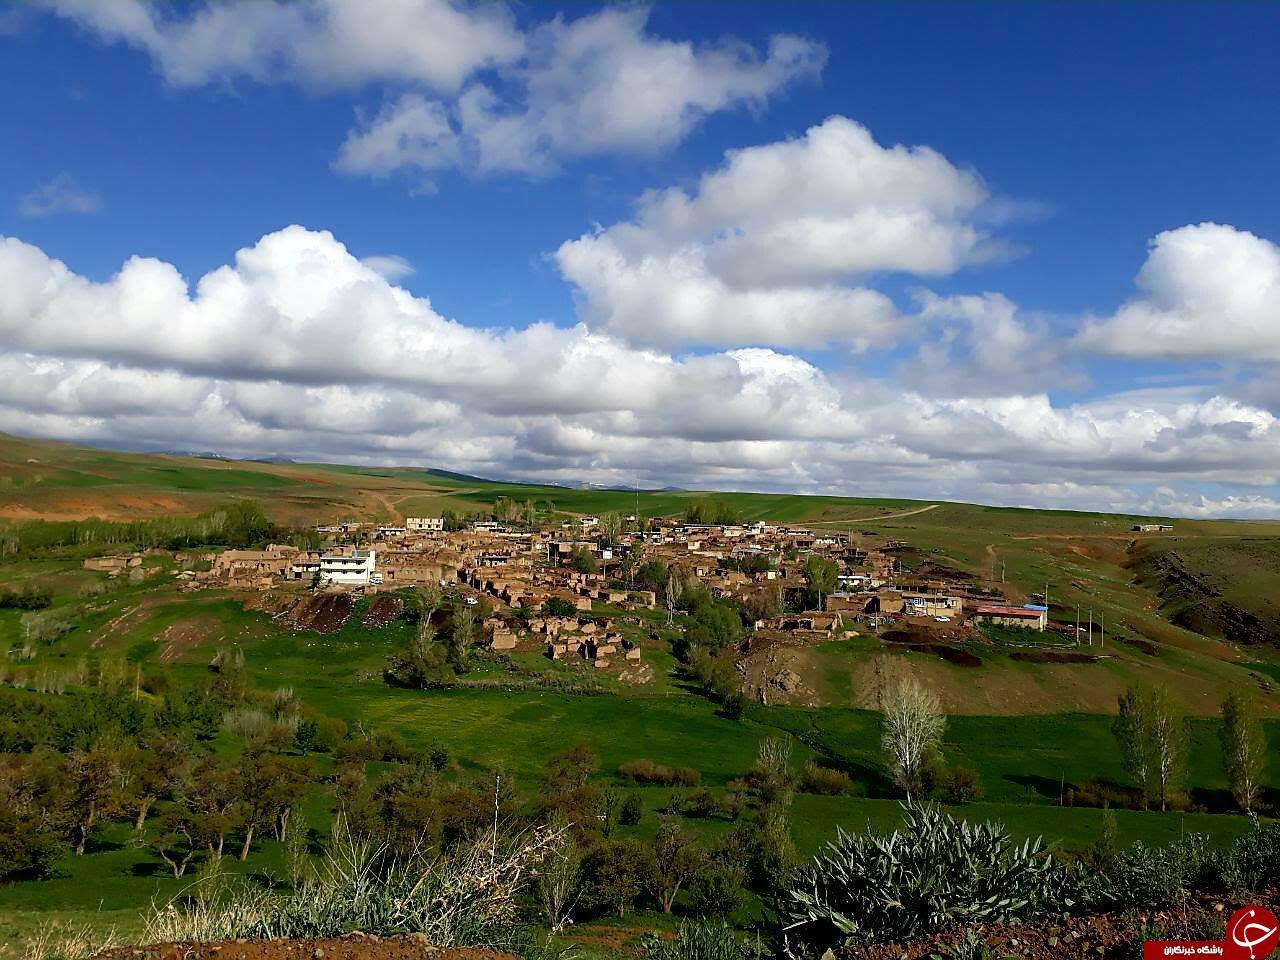 عکسی از طبیعت بهاری در روستای شهرک